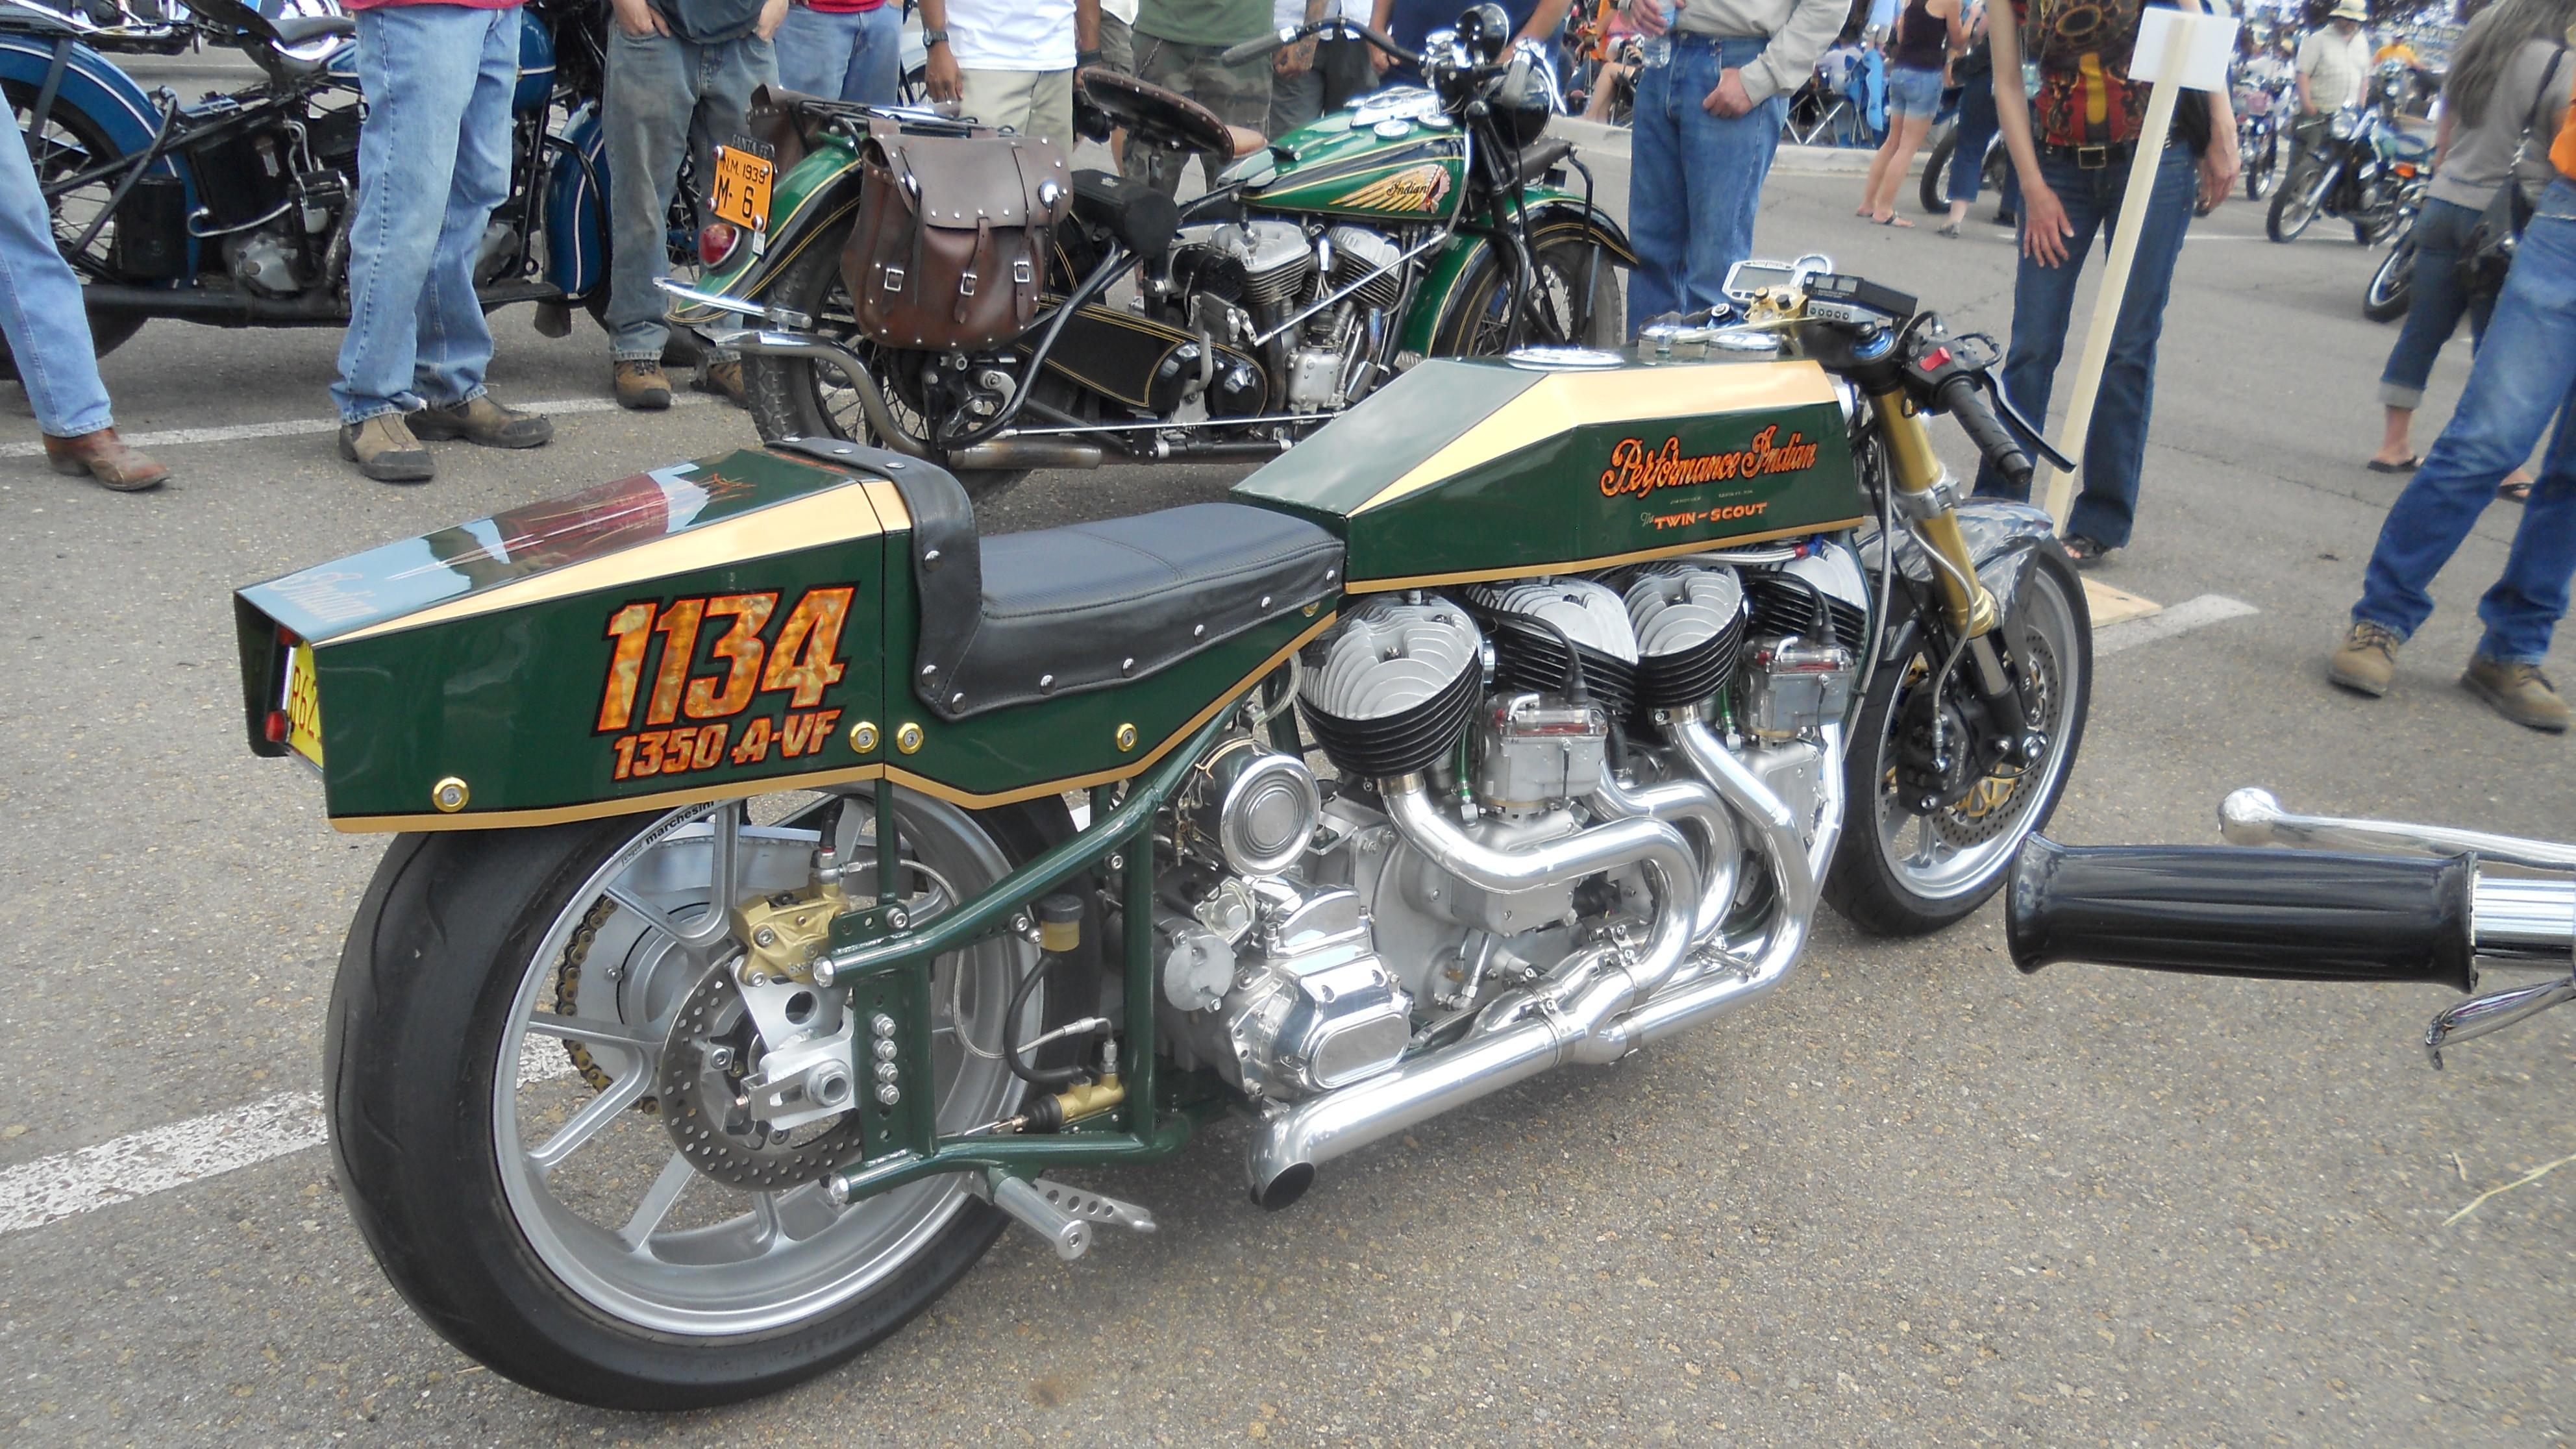 eld0rado motorcycle show june 2012 003.JPG